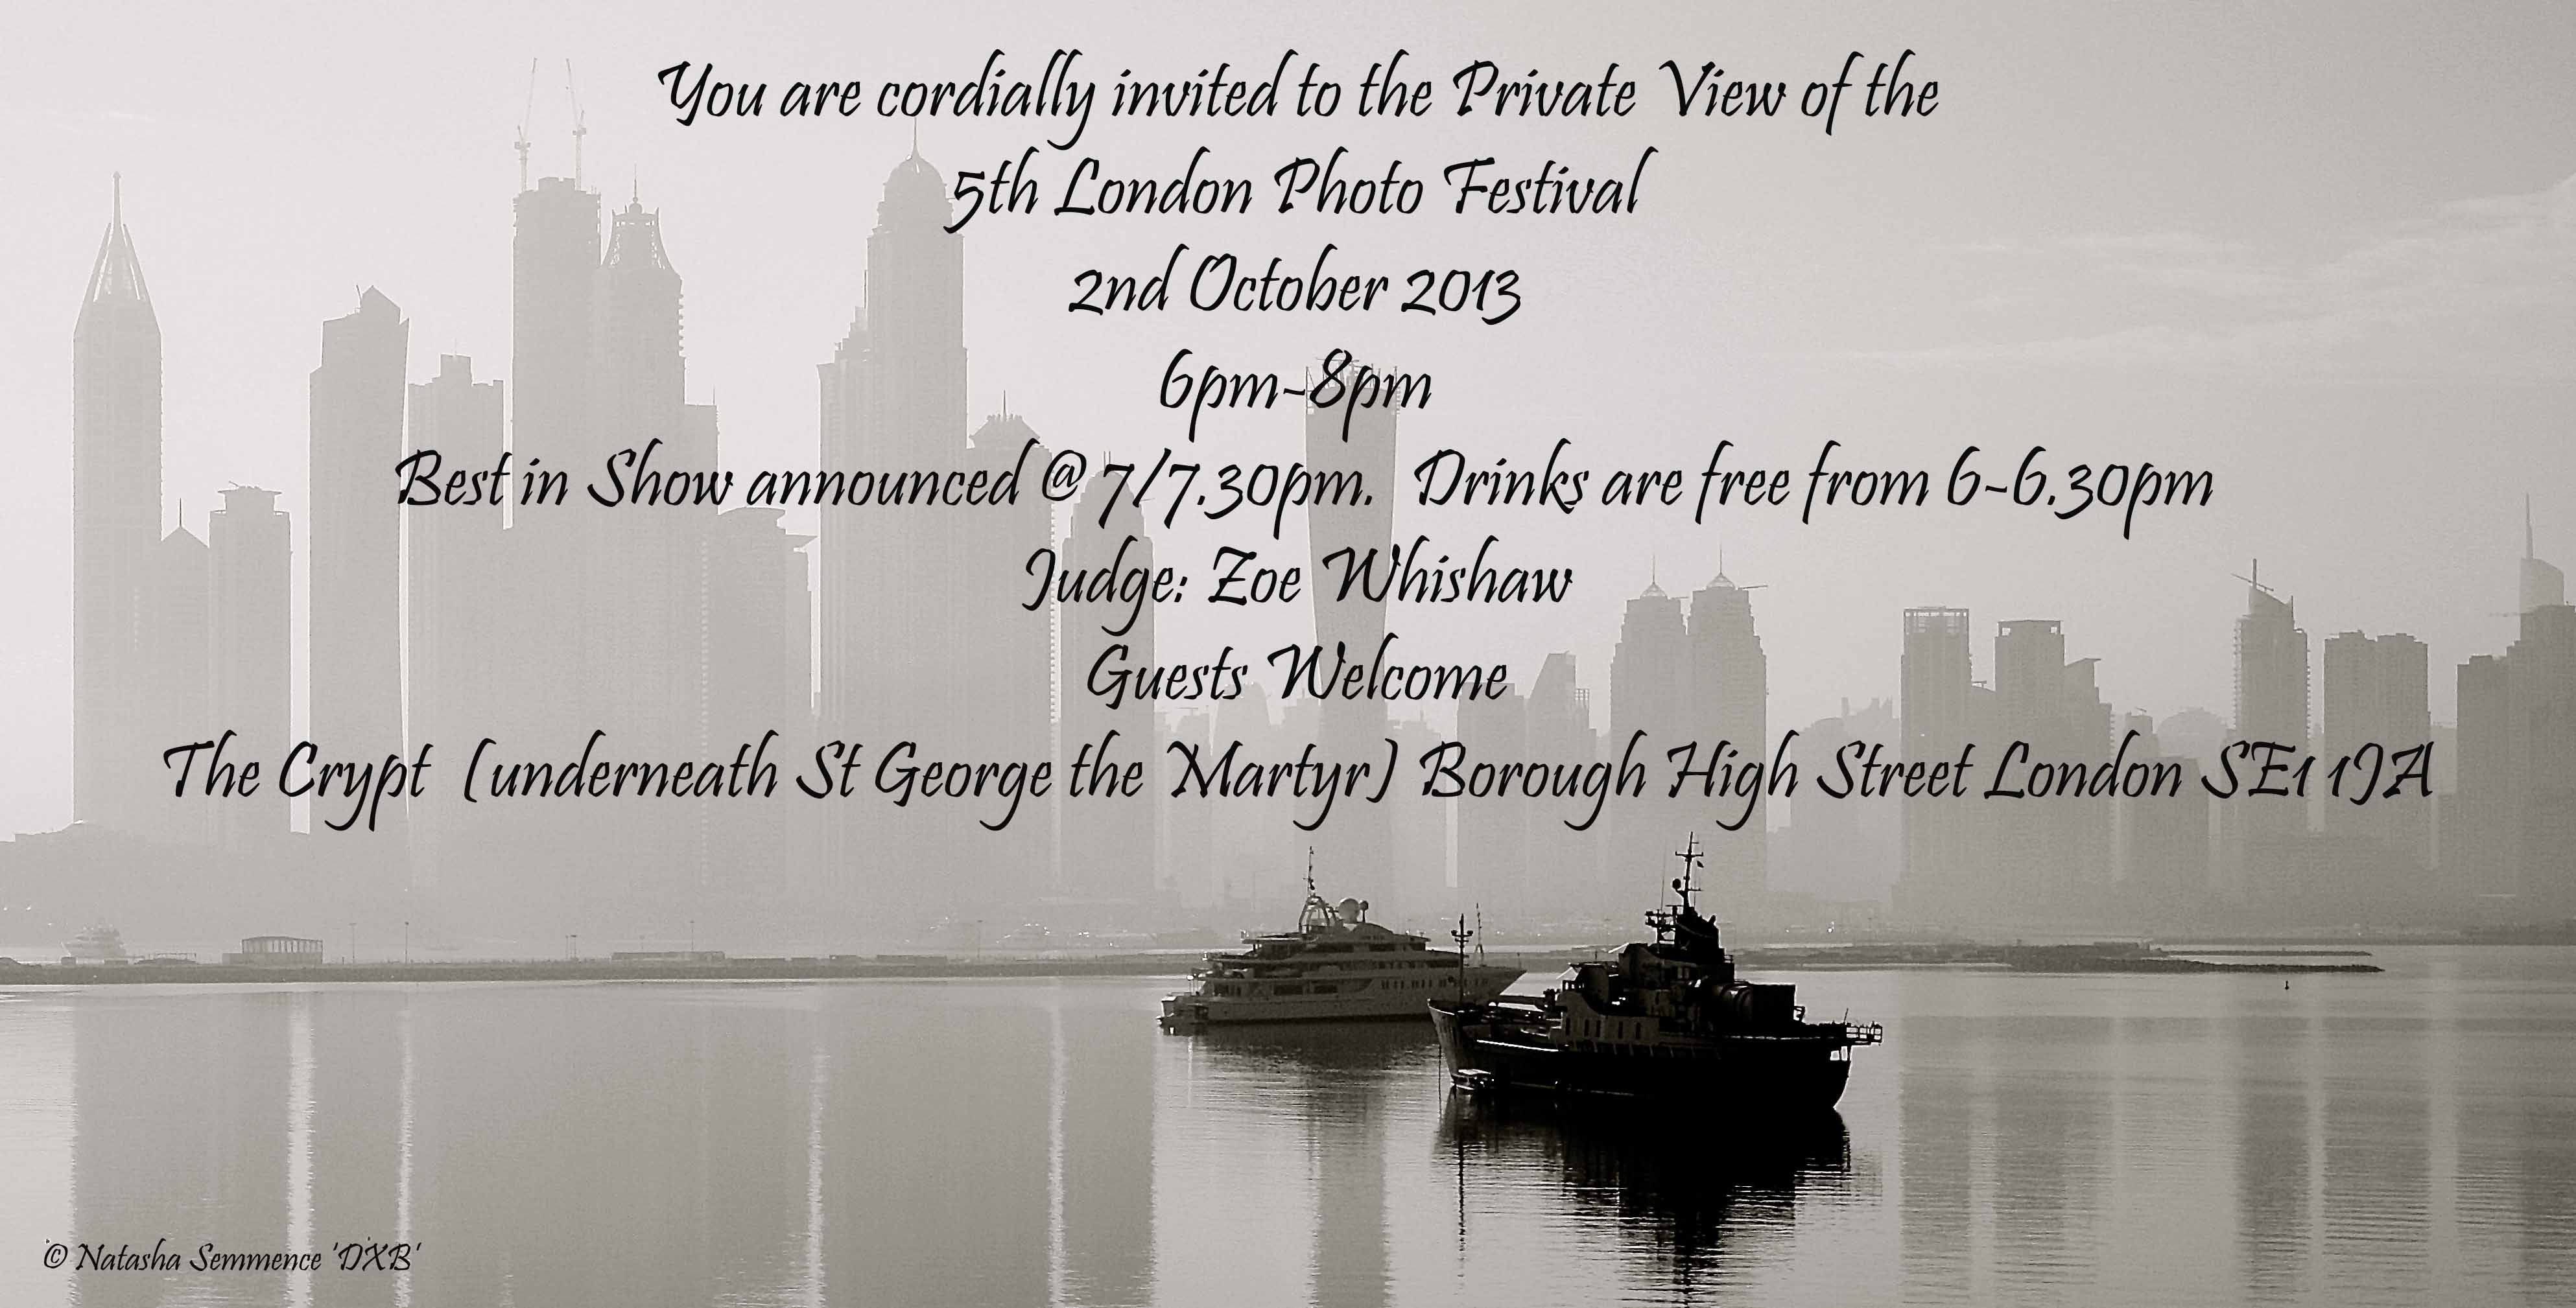 Exhibition Invitation With Private View Invitation 2nd